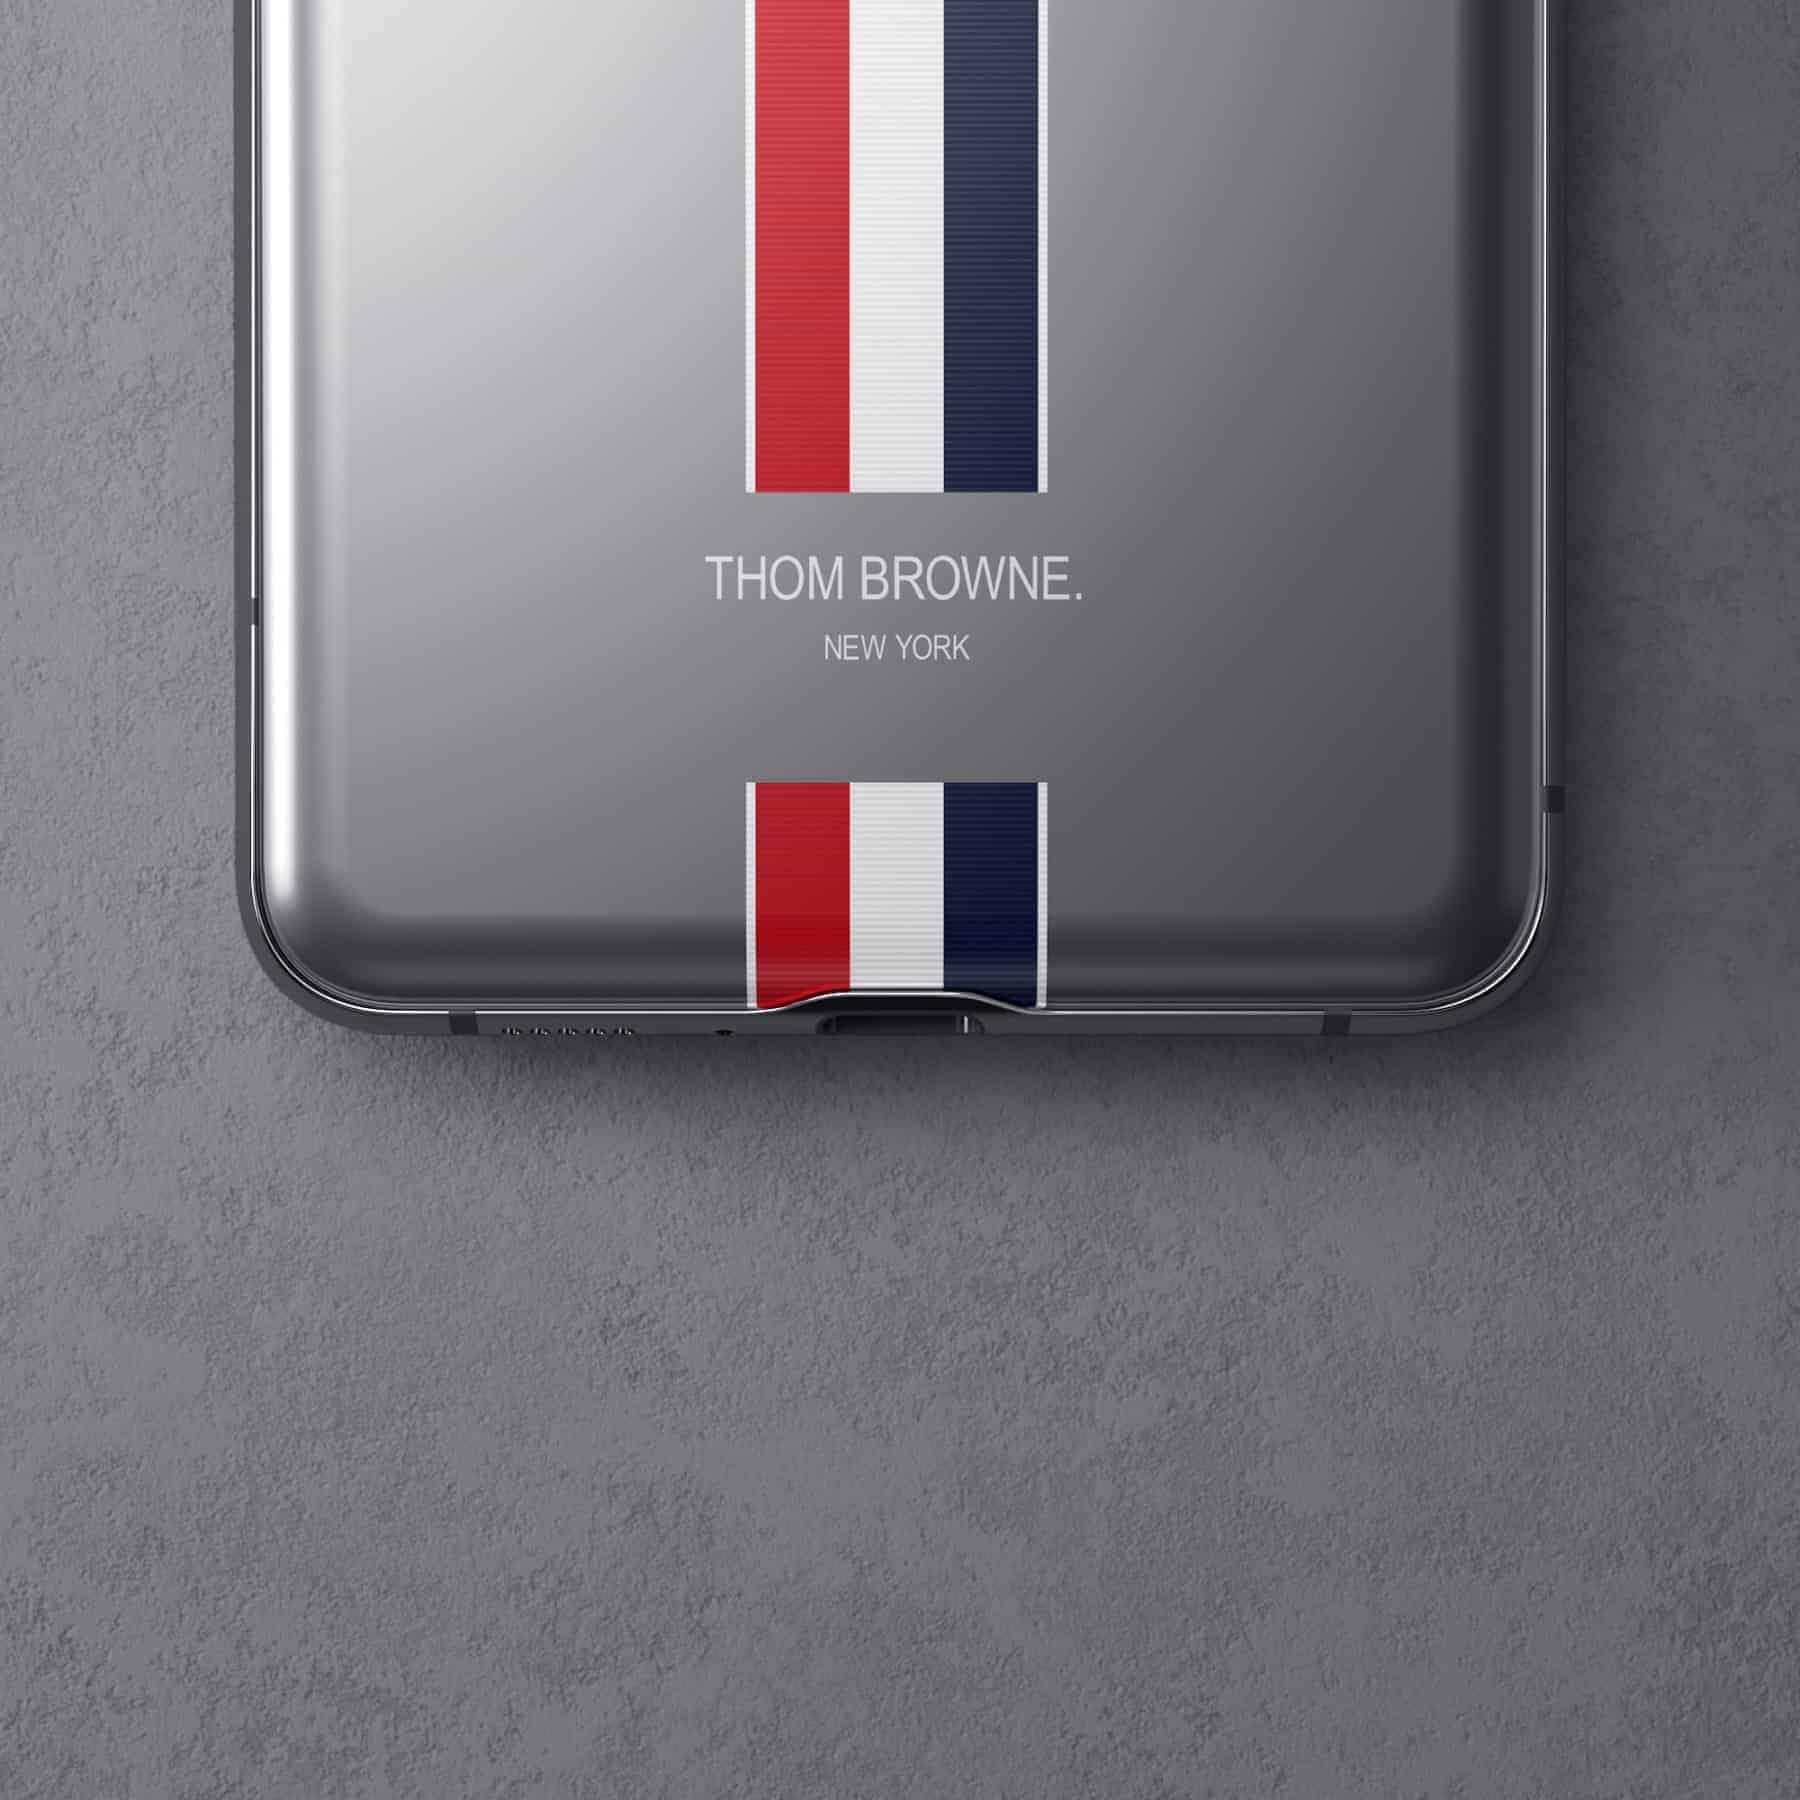 Galaxy Z Flip Thom Browne Edition image 5